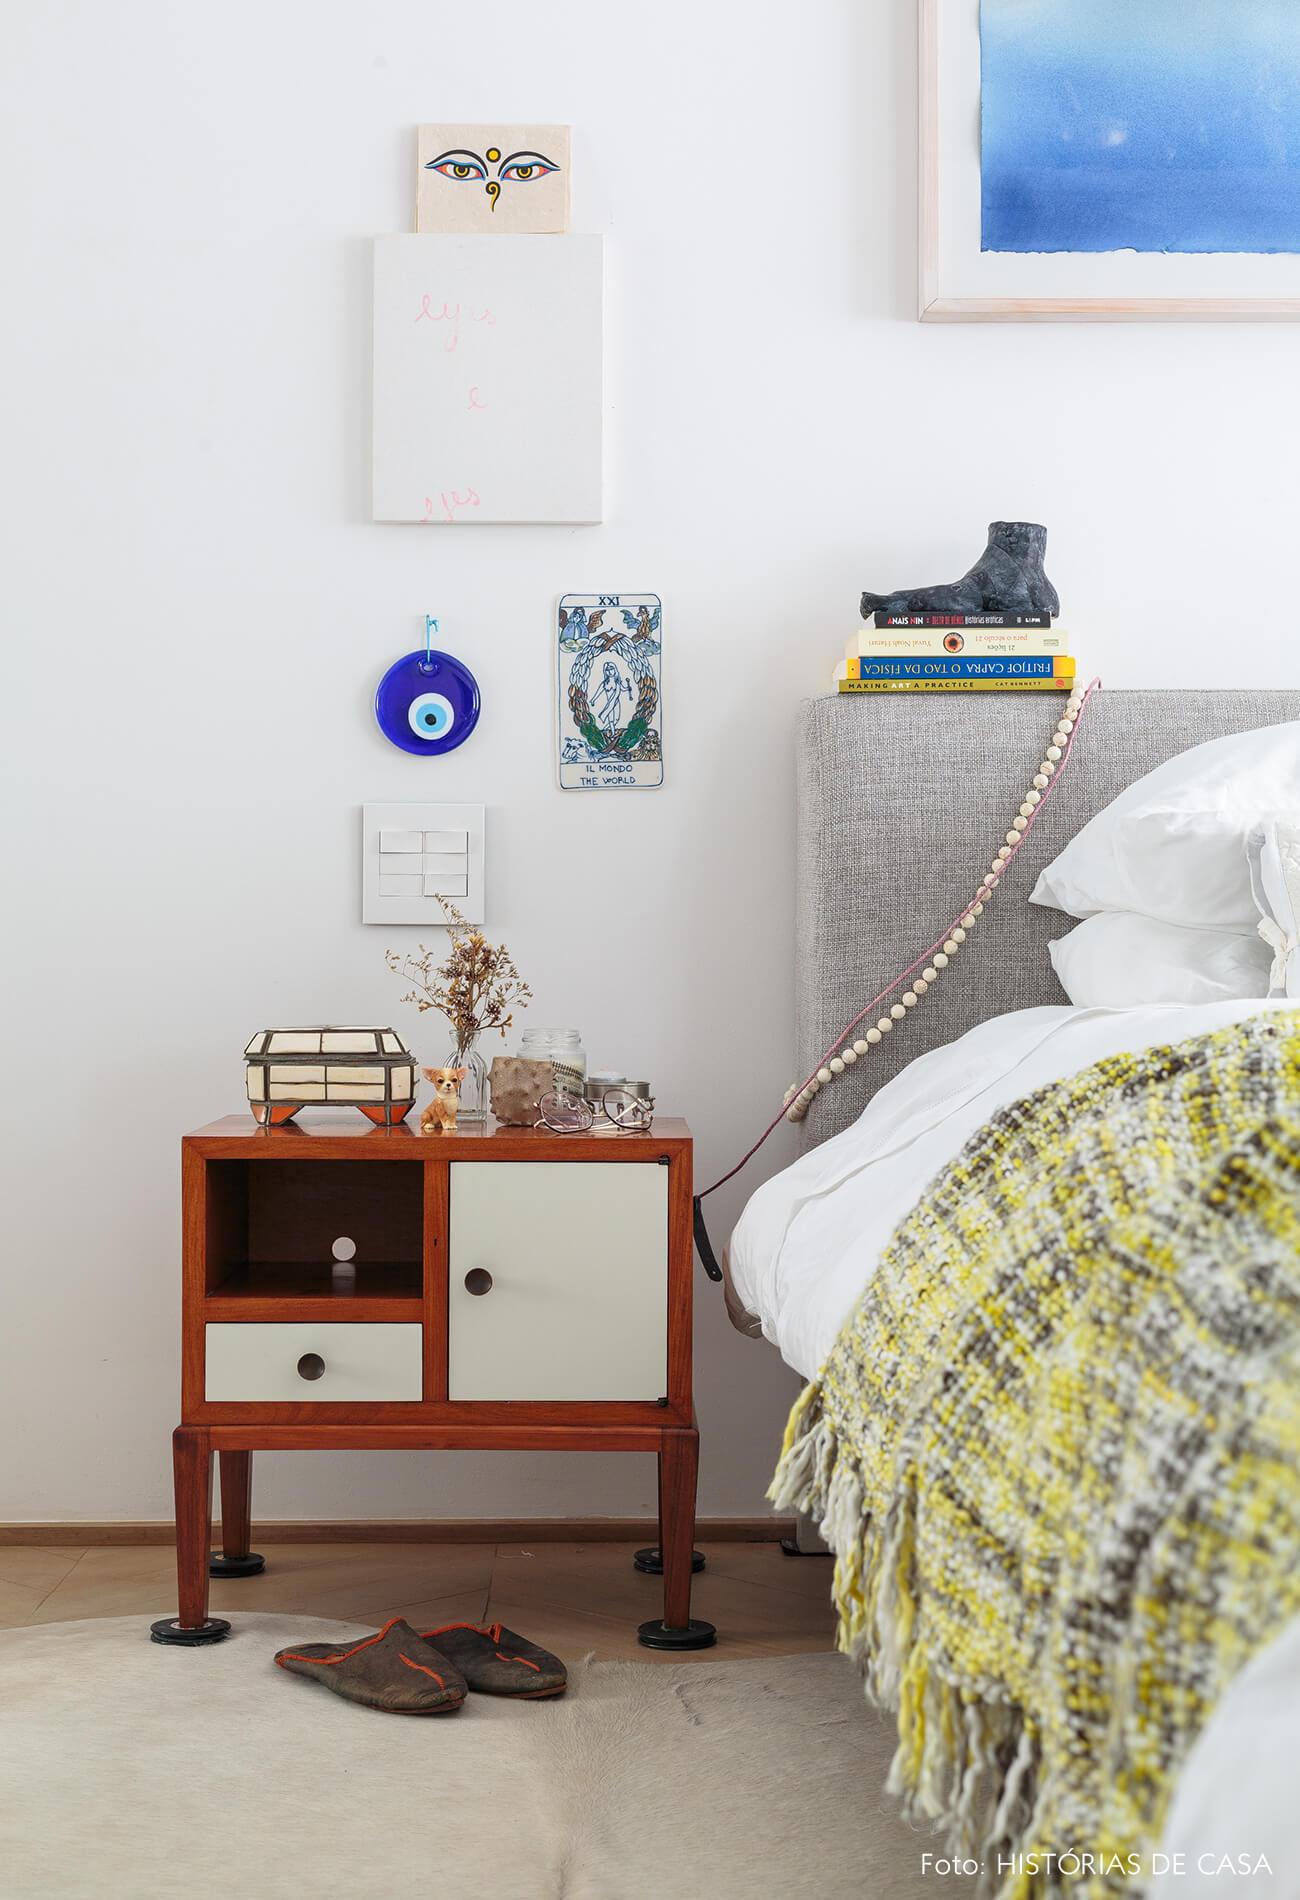 decoração ap quarto com mesa lateral de madeira e cabeceira de tecido